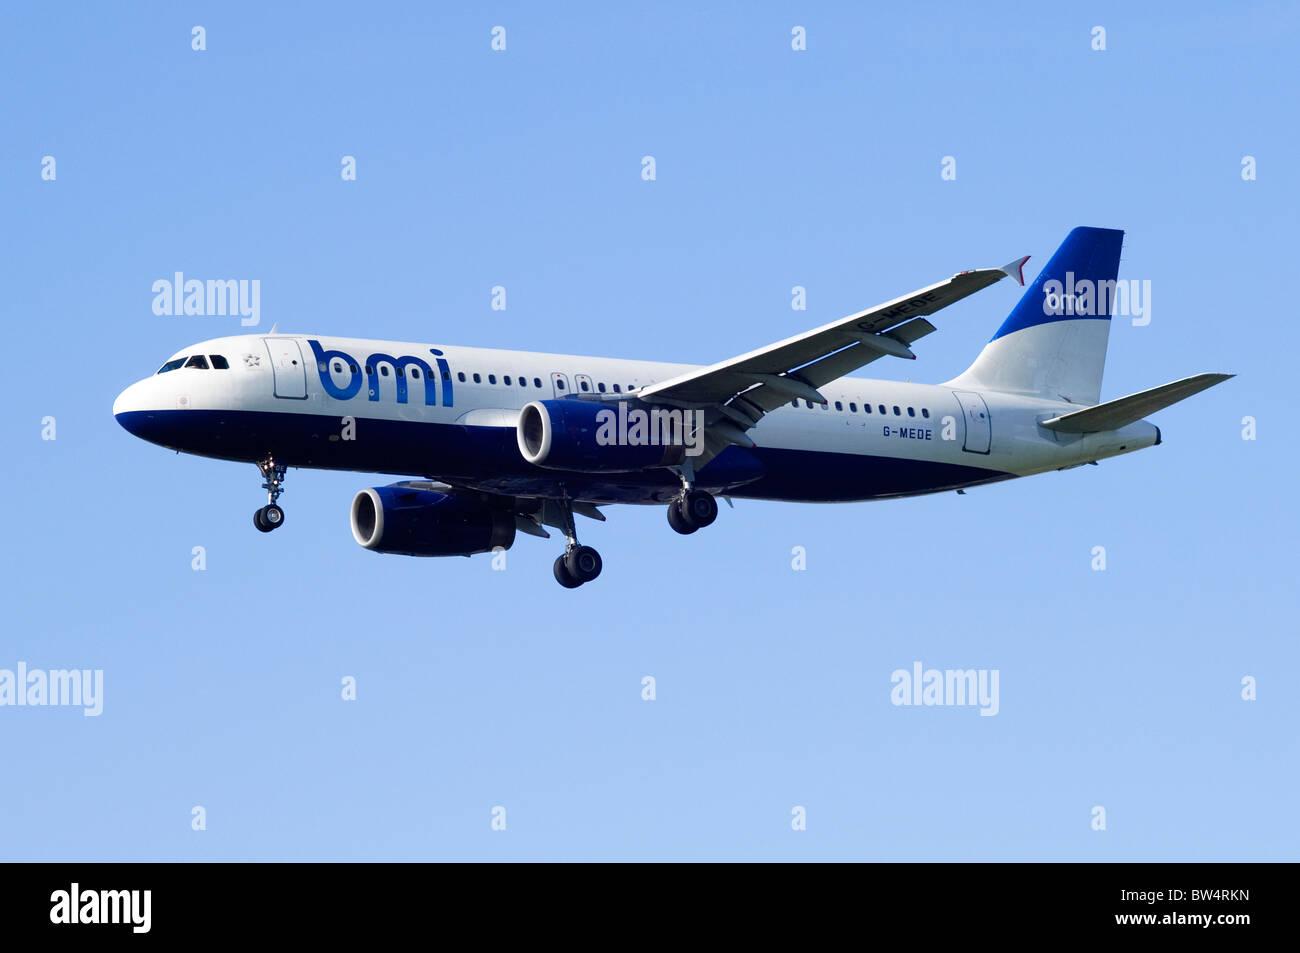 Airbus A320 azionato da BMI sulla rotta di avvicinamento per l'atterraggio all'Aeroporto di Londra Heathrow Immagini Stock